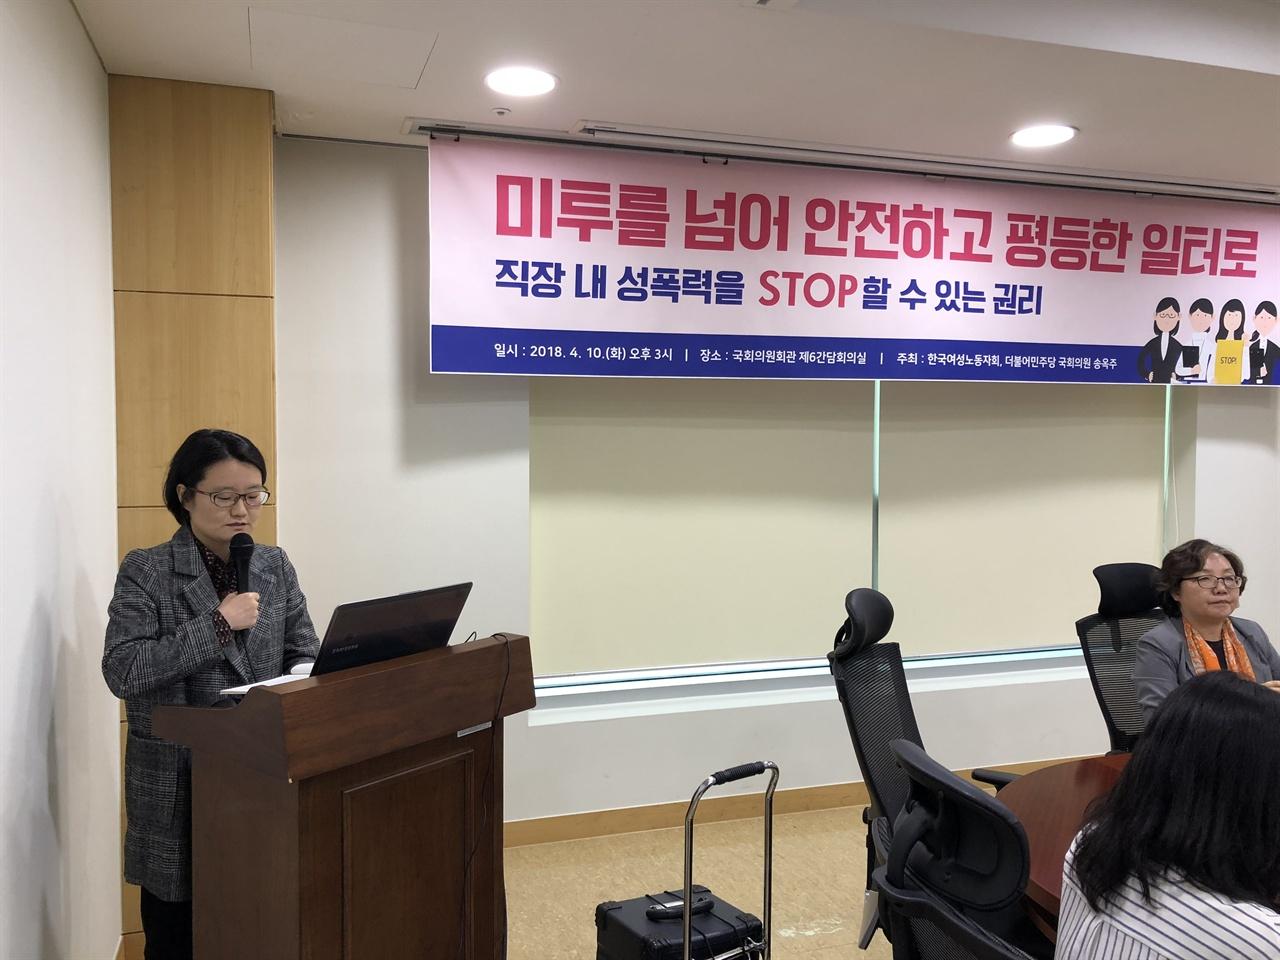 ▲  10일 오후 3시 <미투를 넘어 안전하고 평등한 일터로> 토론회가 한국여성노동자회와 더불어민주당 송옥주 의원실 주최로 열렸다. 이영희 여성노동법률지원센터 사무국장(공인노무사)이 발표하고 있다.